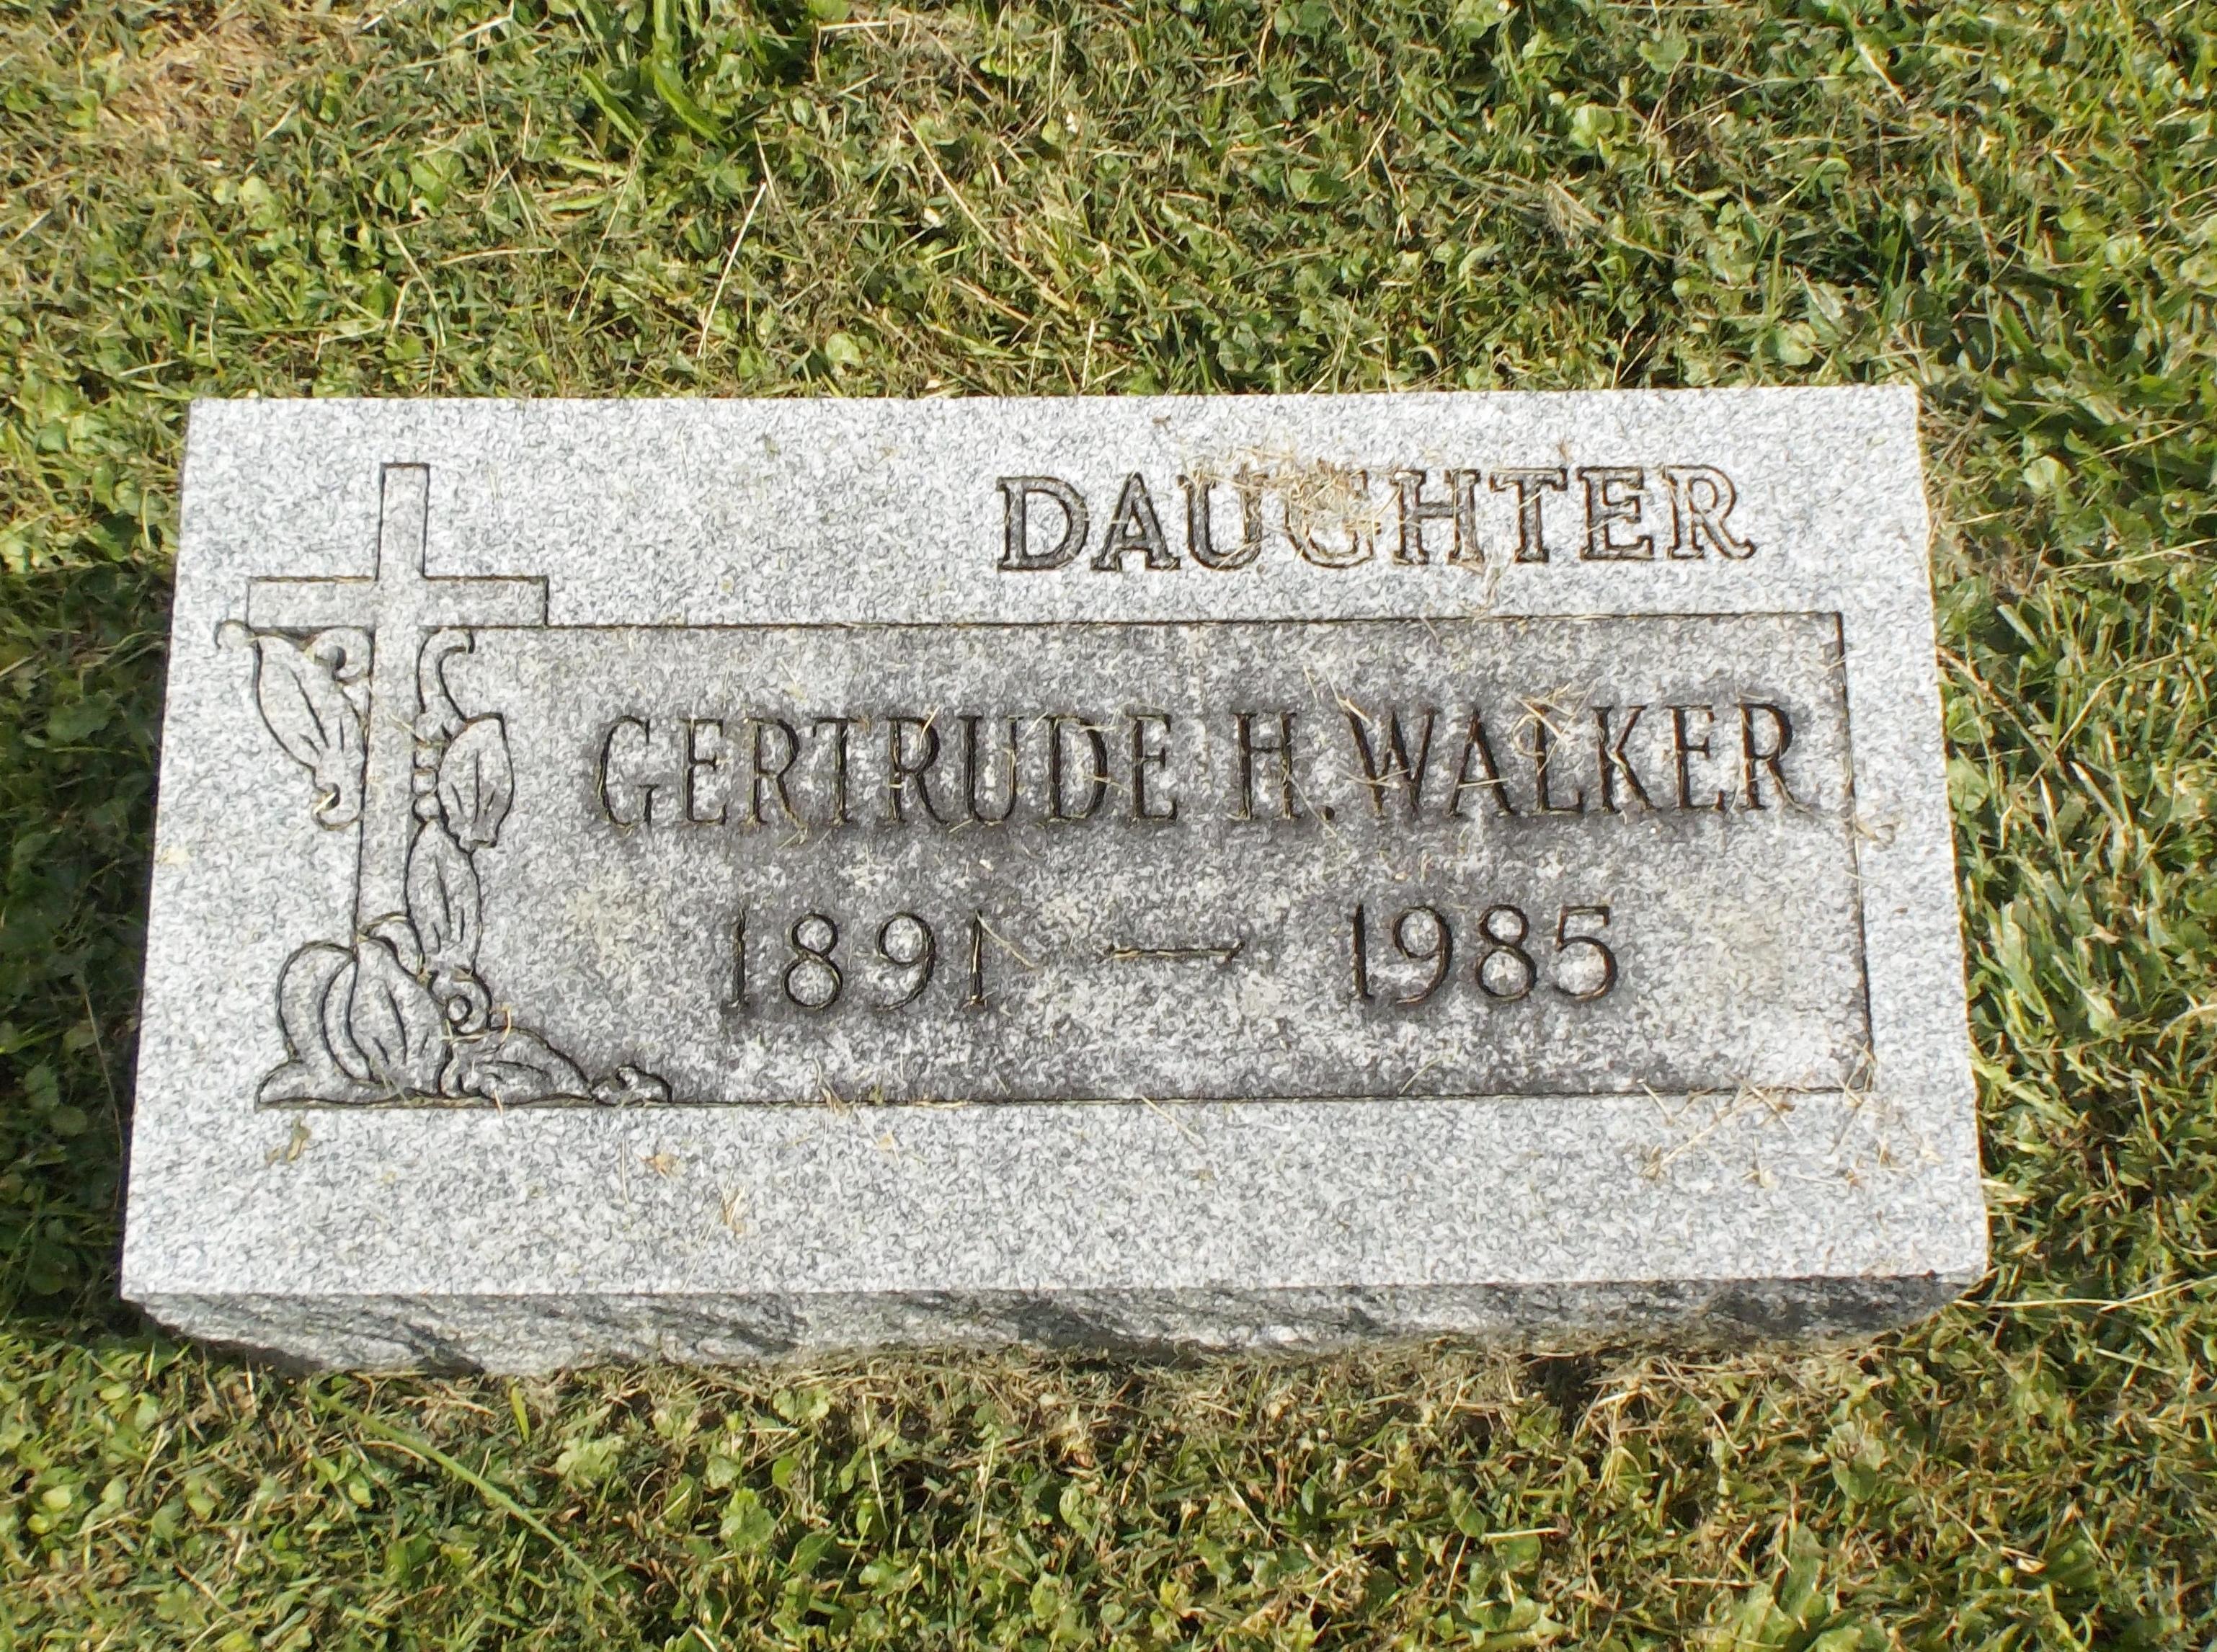 Gertrude H Walker